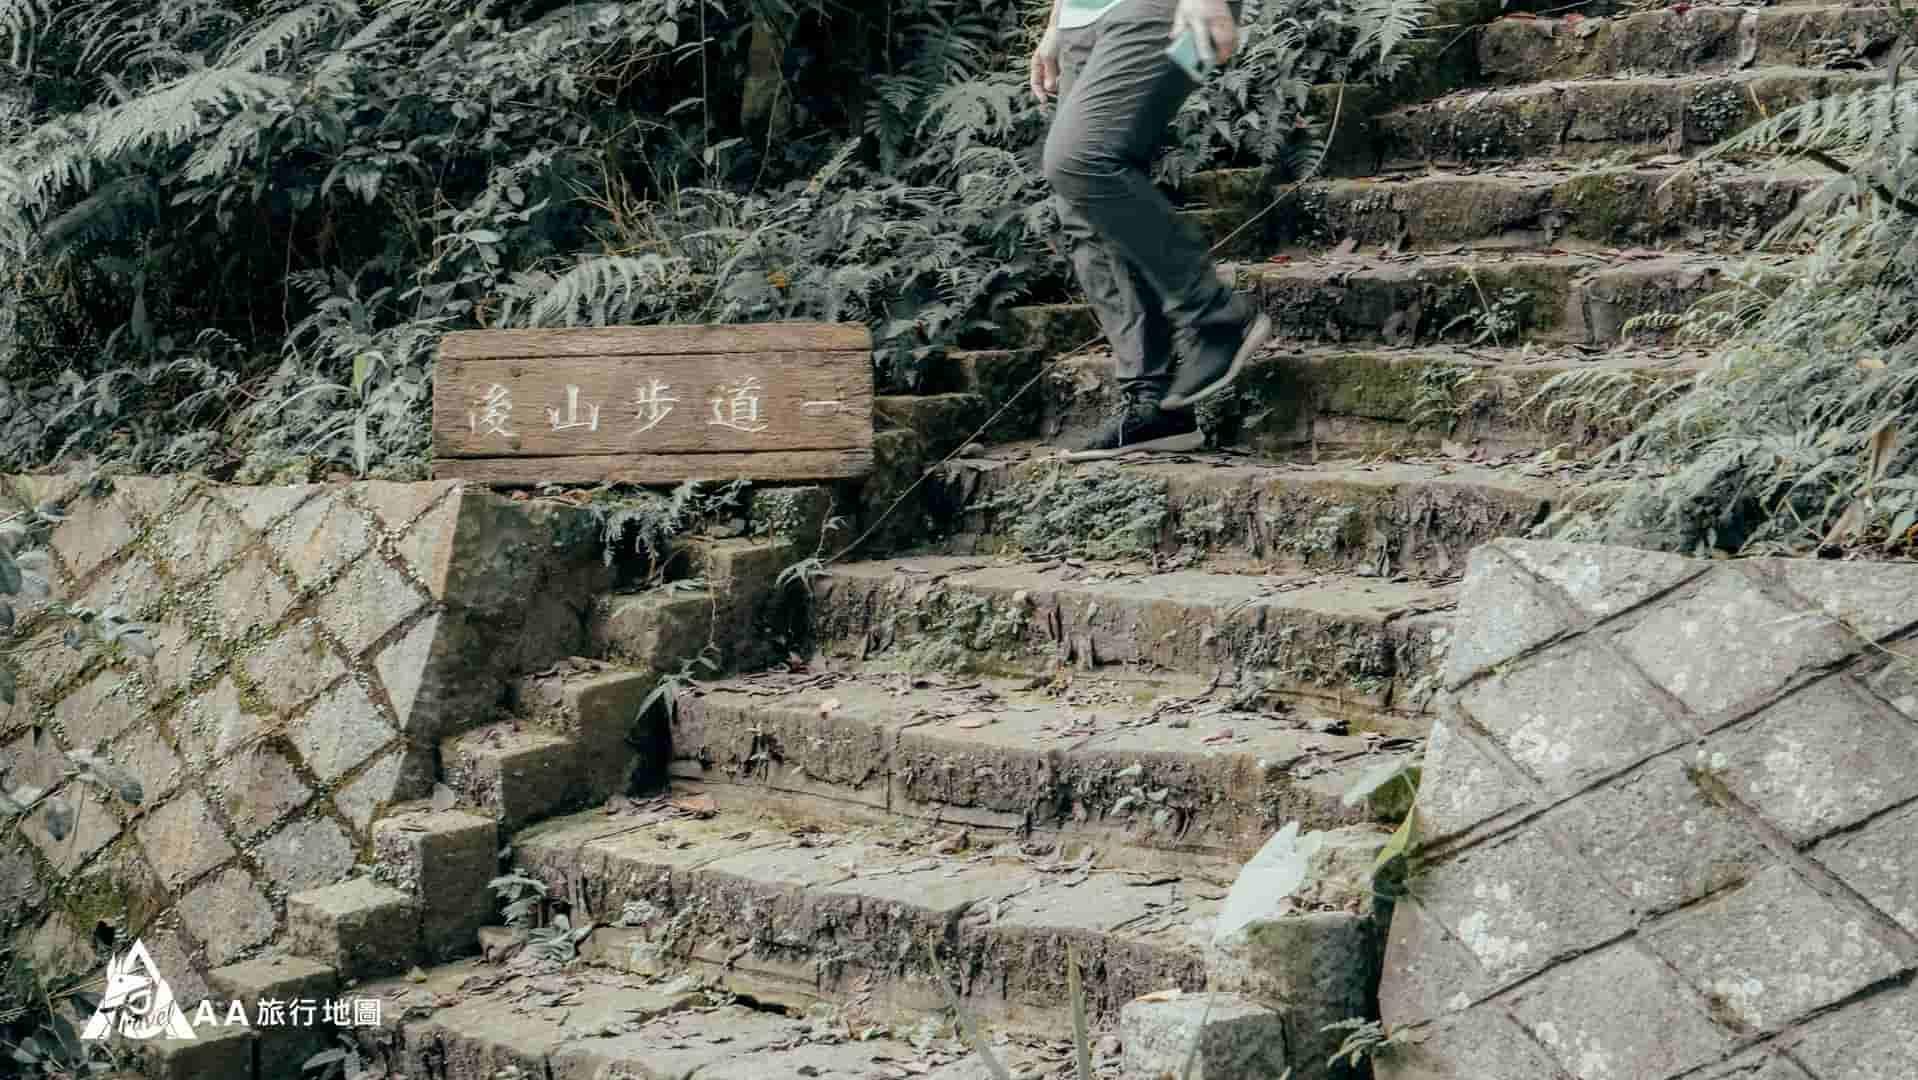 大山北月 這條山路可以一直通到後山,以前的小朋友都是從山的另一邊來這上學